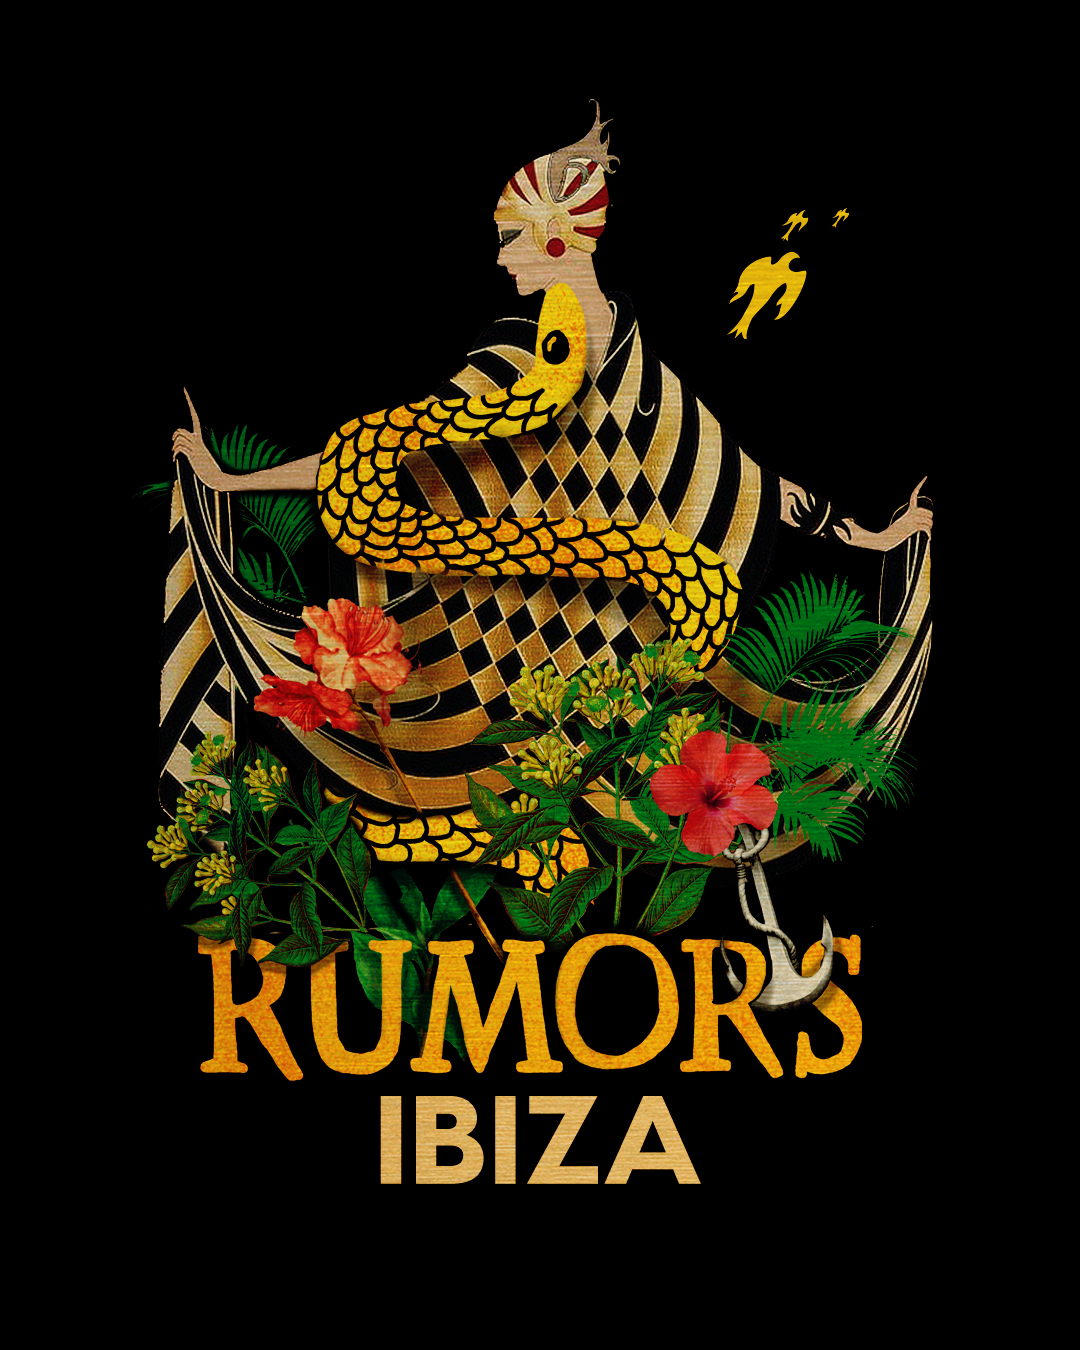 Rumors-Ibiza-''17-v1.jpg